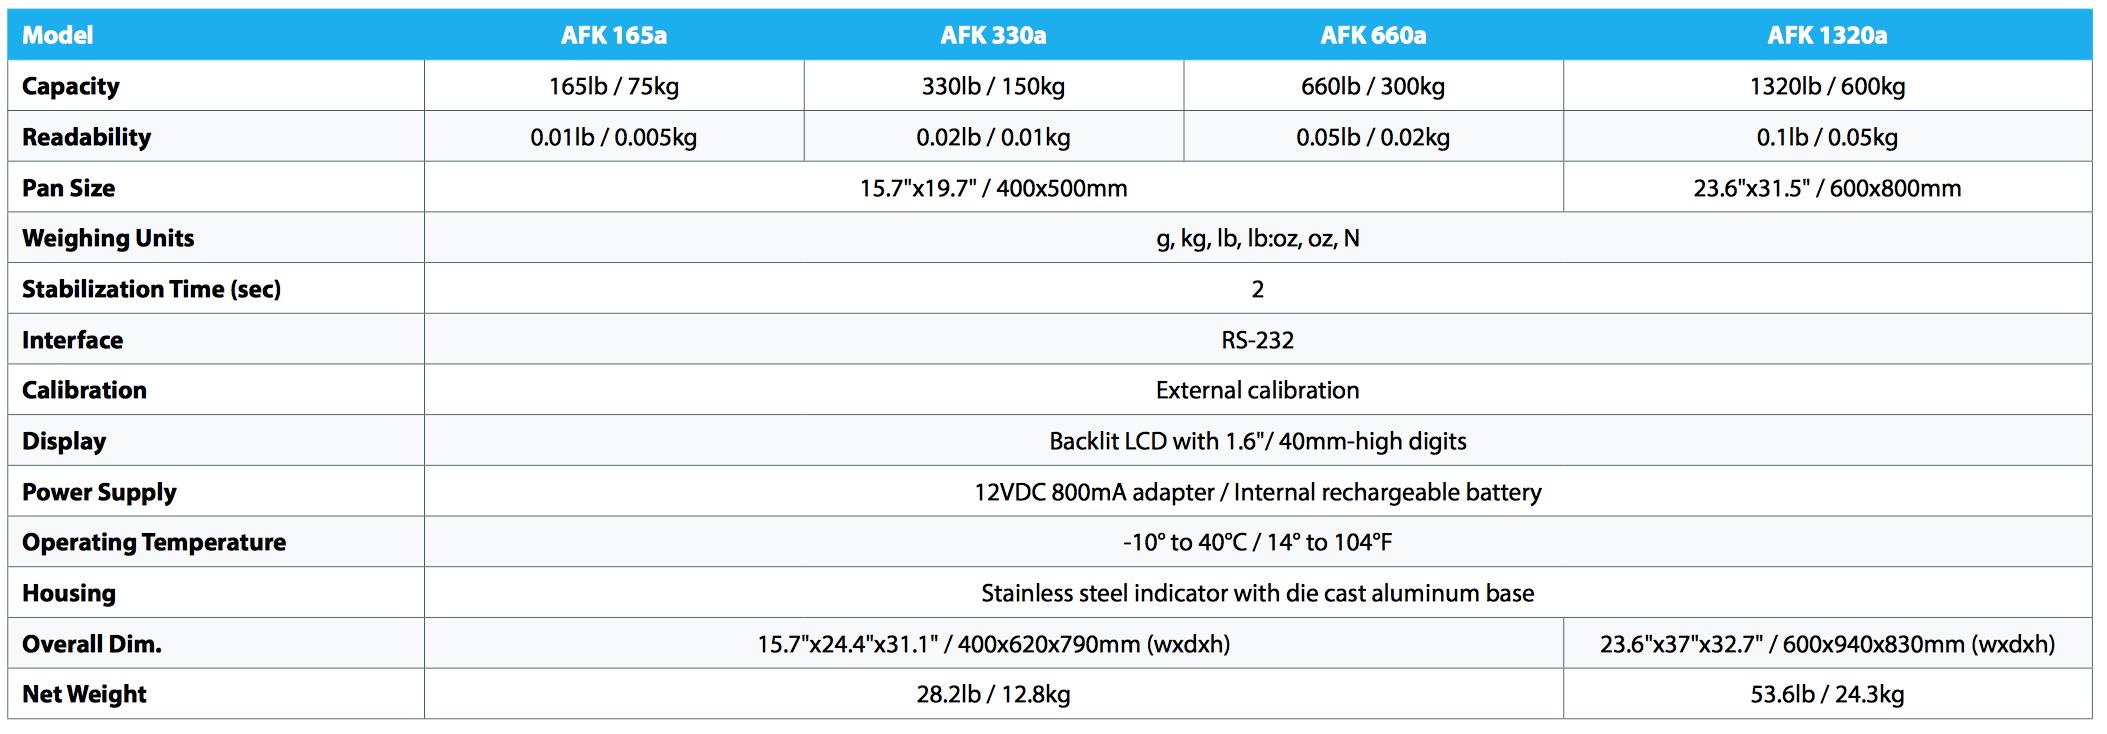 adam-equipment-afk-floor-scales.png